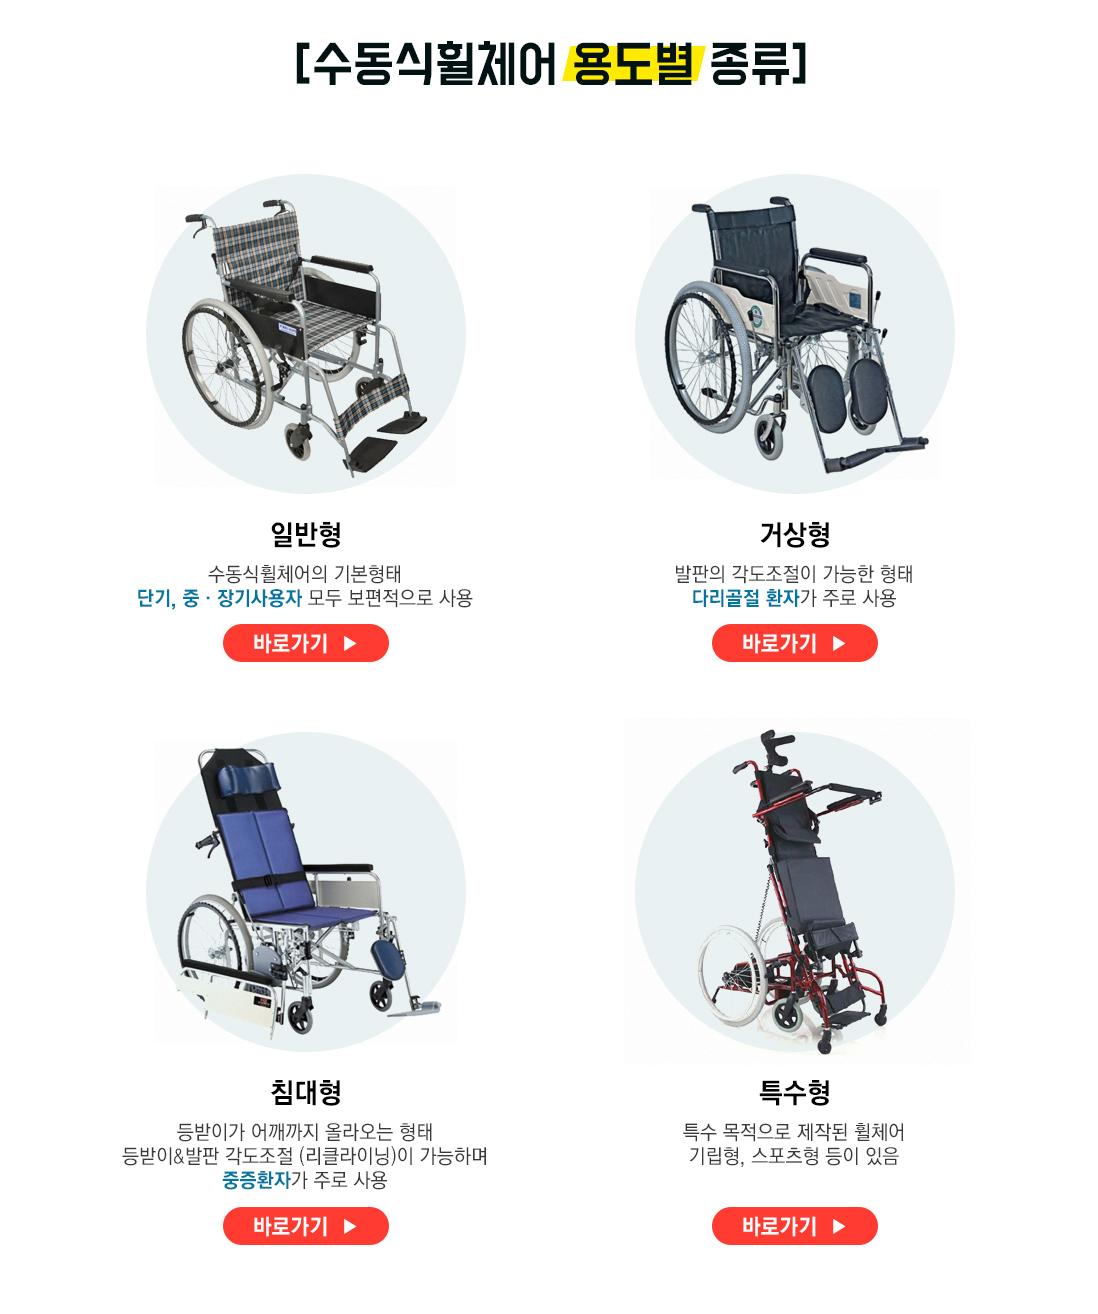 수동식 휠체어 용도별 종류